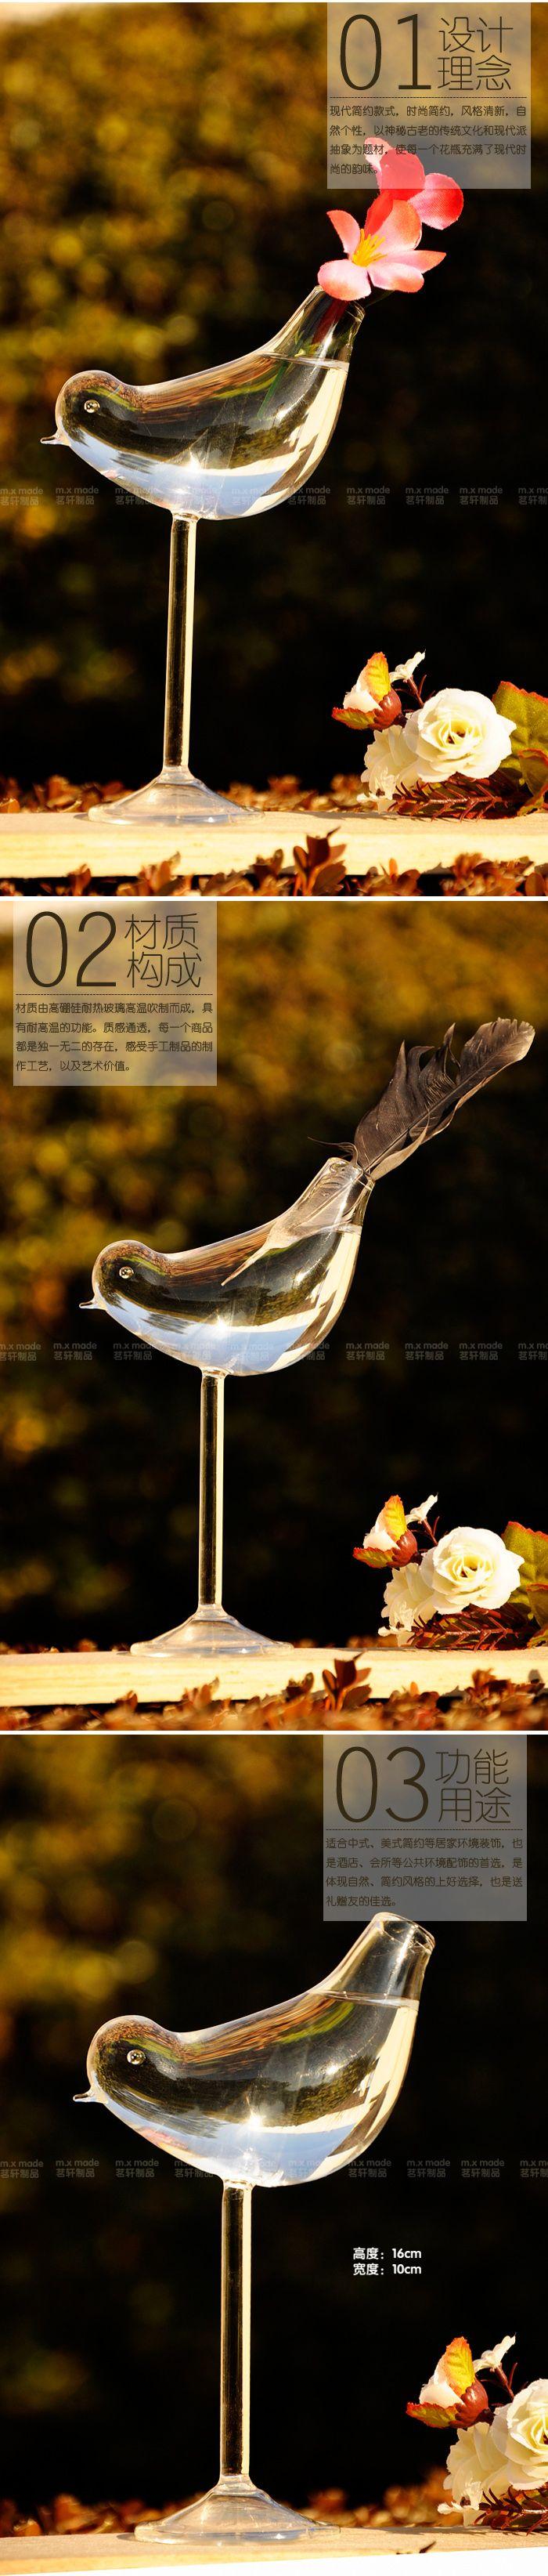 1 х Творческий высокий птица ваза стеклянная ваза Украшения Дома отель украшения цветочных контейнеров купить на AliExpress